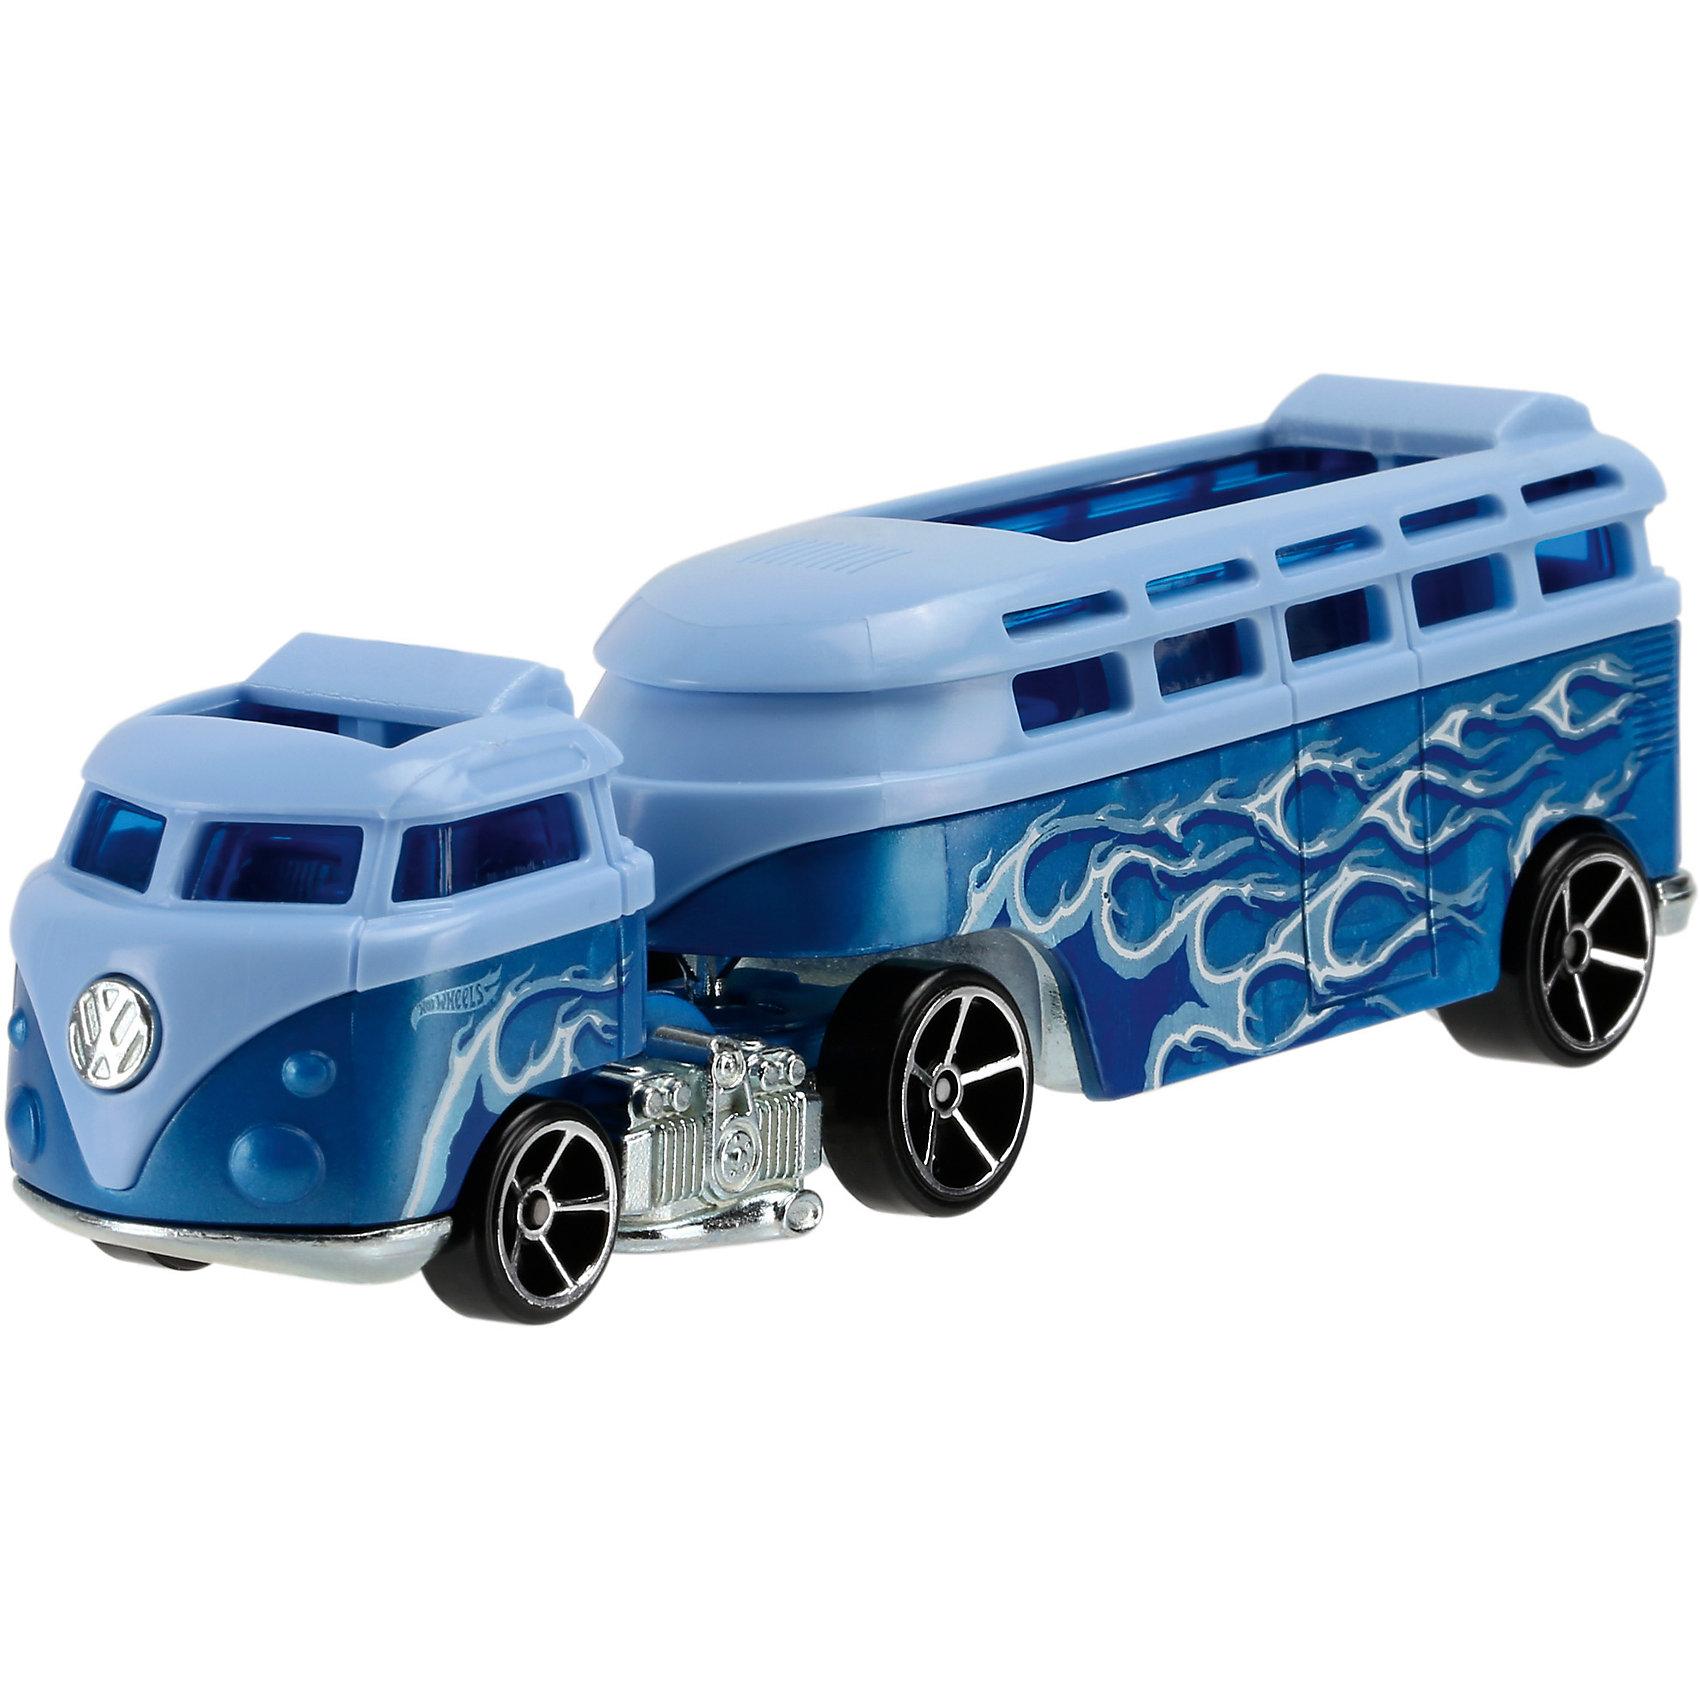 Трейлер базовой коллекции, Hot WheelsМашинки<br>«Трейлер» базовой комплектации, Hot Wheels (Хот Вилс) – потрясающе реалистичный грузовик-трейлер, который придется по душе любому мальчишке.  Трейлер выполнен из металла, а значит сможет выдержать любые испытания, которые приготовит для него Ваш ребенок. В трейлерах-грузовиках Hot Wheels (Хот Вилс) есть возможность менять прицепы, что позволяет каждый раз создавать новые комбинации.  <br><br>Дополнительная информация: <br><br>- Материал: пластик <br>- Длина: около 28 см  <br><br>«Трейлер» базовой комплектации, Hot Wheels (Хот Вилс) – прекрасный подарок для Вашего ребенка. Ему непременно захочется собрать всю коллекцию и каждый раз создавать новый вид трейлеров.  <br><br>«Трейлер» базовой комплектации, Hot Wheels (Хот Вилс) можно купить в нашем магазине.<br><br>Ширина мм: 40<br>Глубина мм: 130<br>Высота мм: 110<br>Вес г: 126<br>Возраст от месяцев: 48<br>Возраст до месяцев: 96<br>Пол: Мужской<br>Возраст: Детский<br>SKU: 4918792